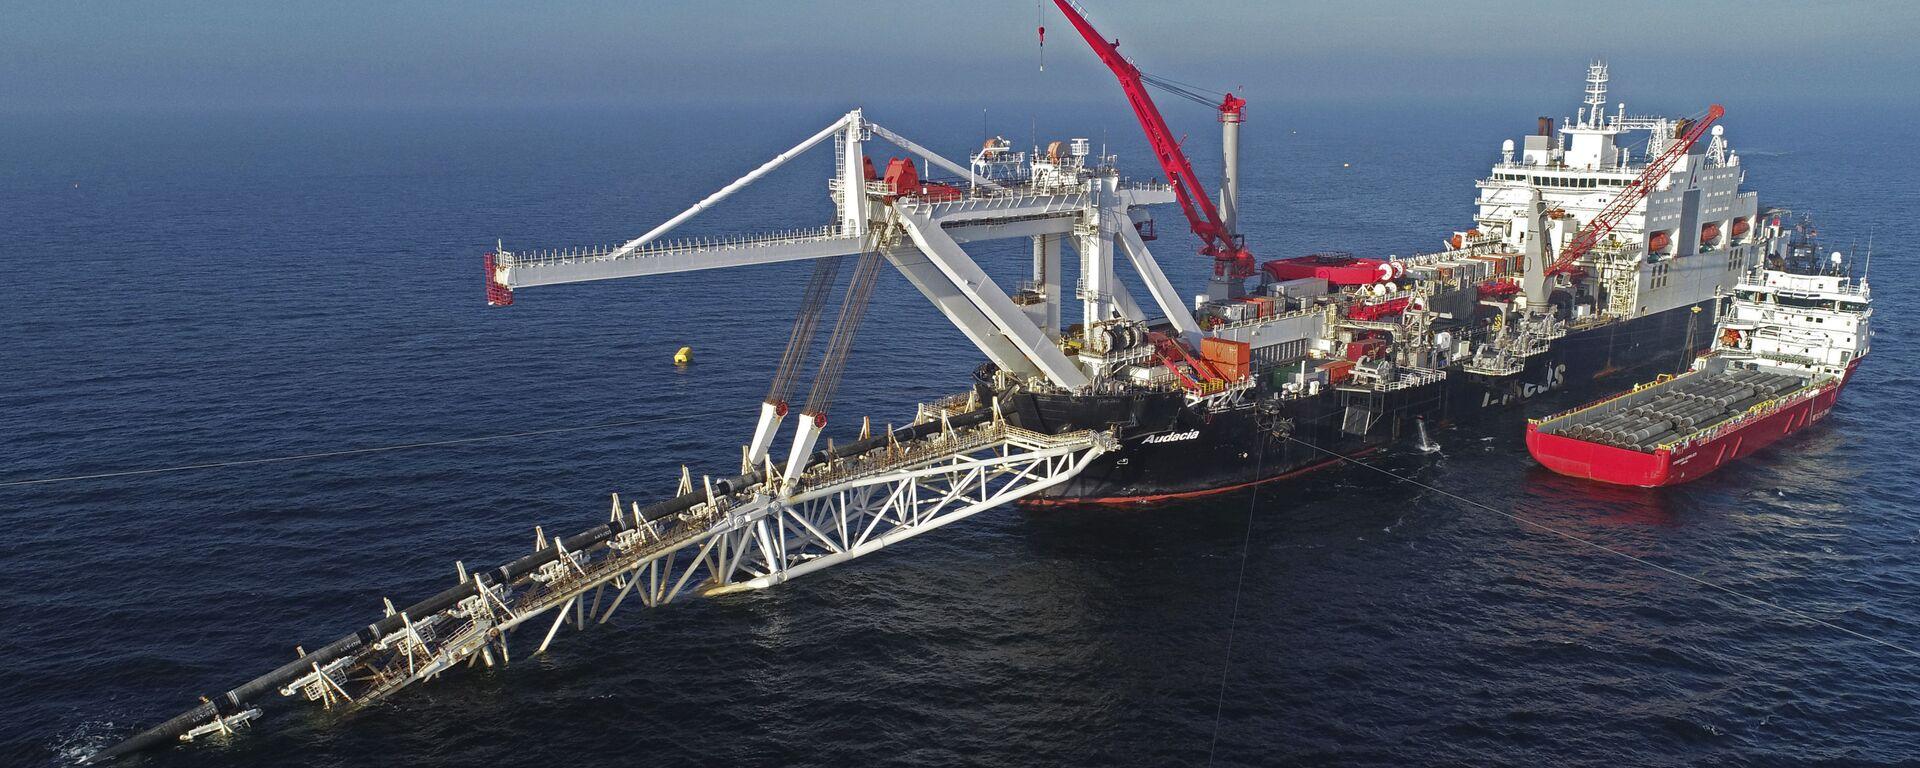 Cудно работает на шельфе Балтийского моря на газопроводе Nord Stream 2, архивное фото - Sputnik Тоҷикистон, 1920, 14.06.2021